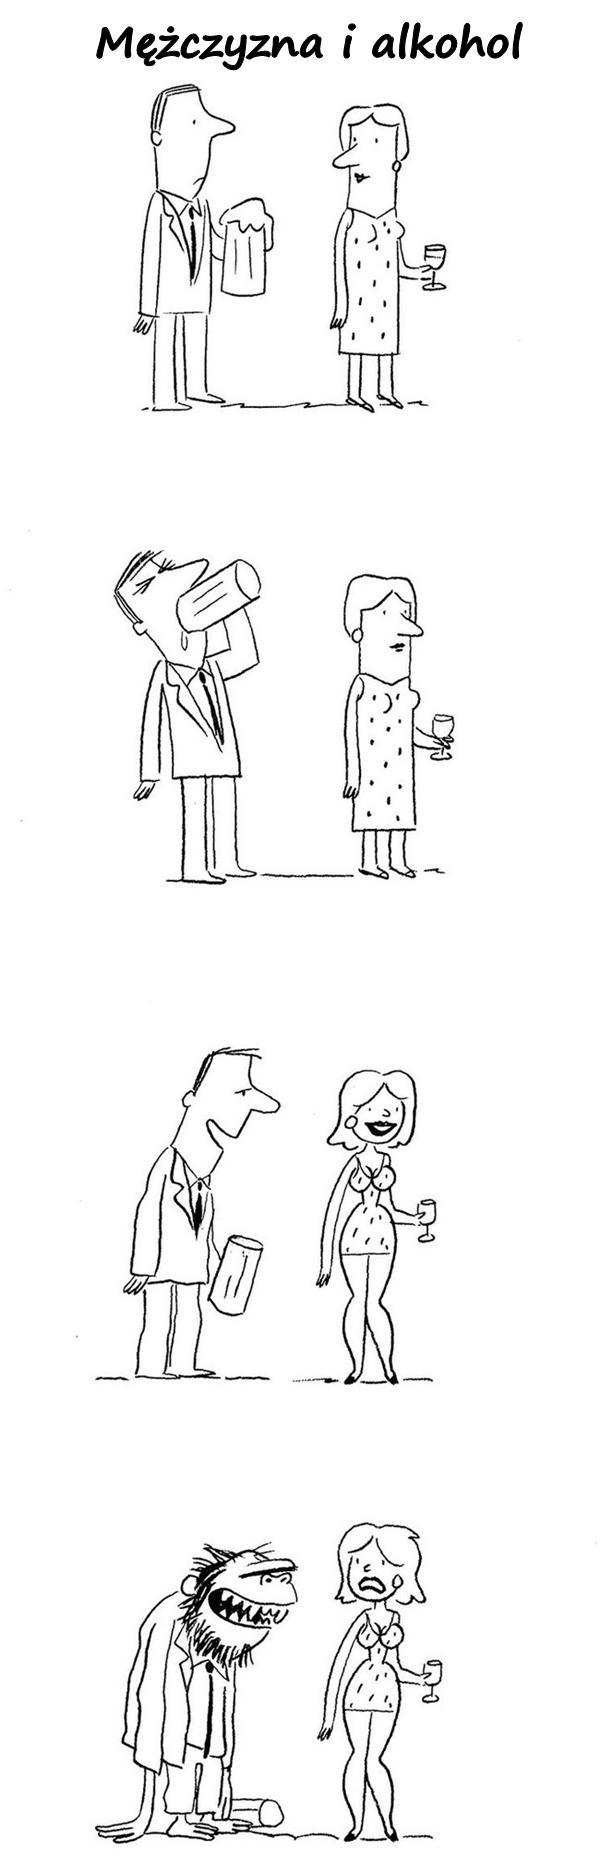 Mężczyzna i alkohol